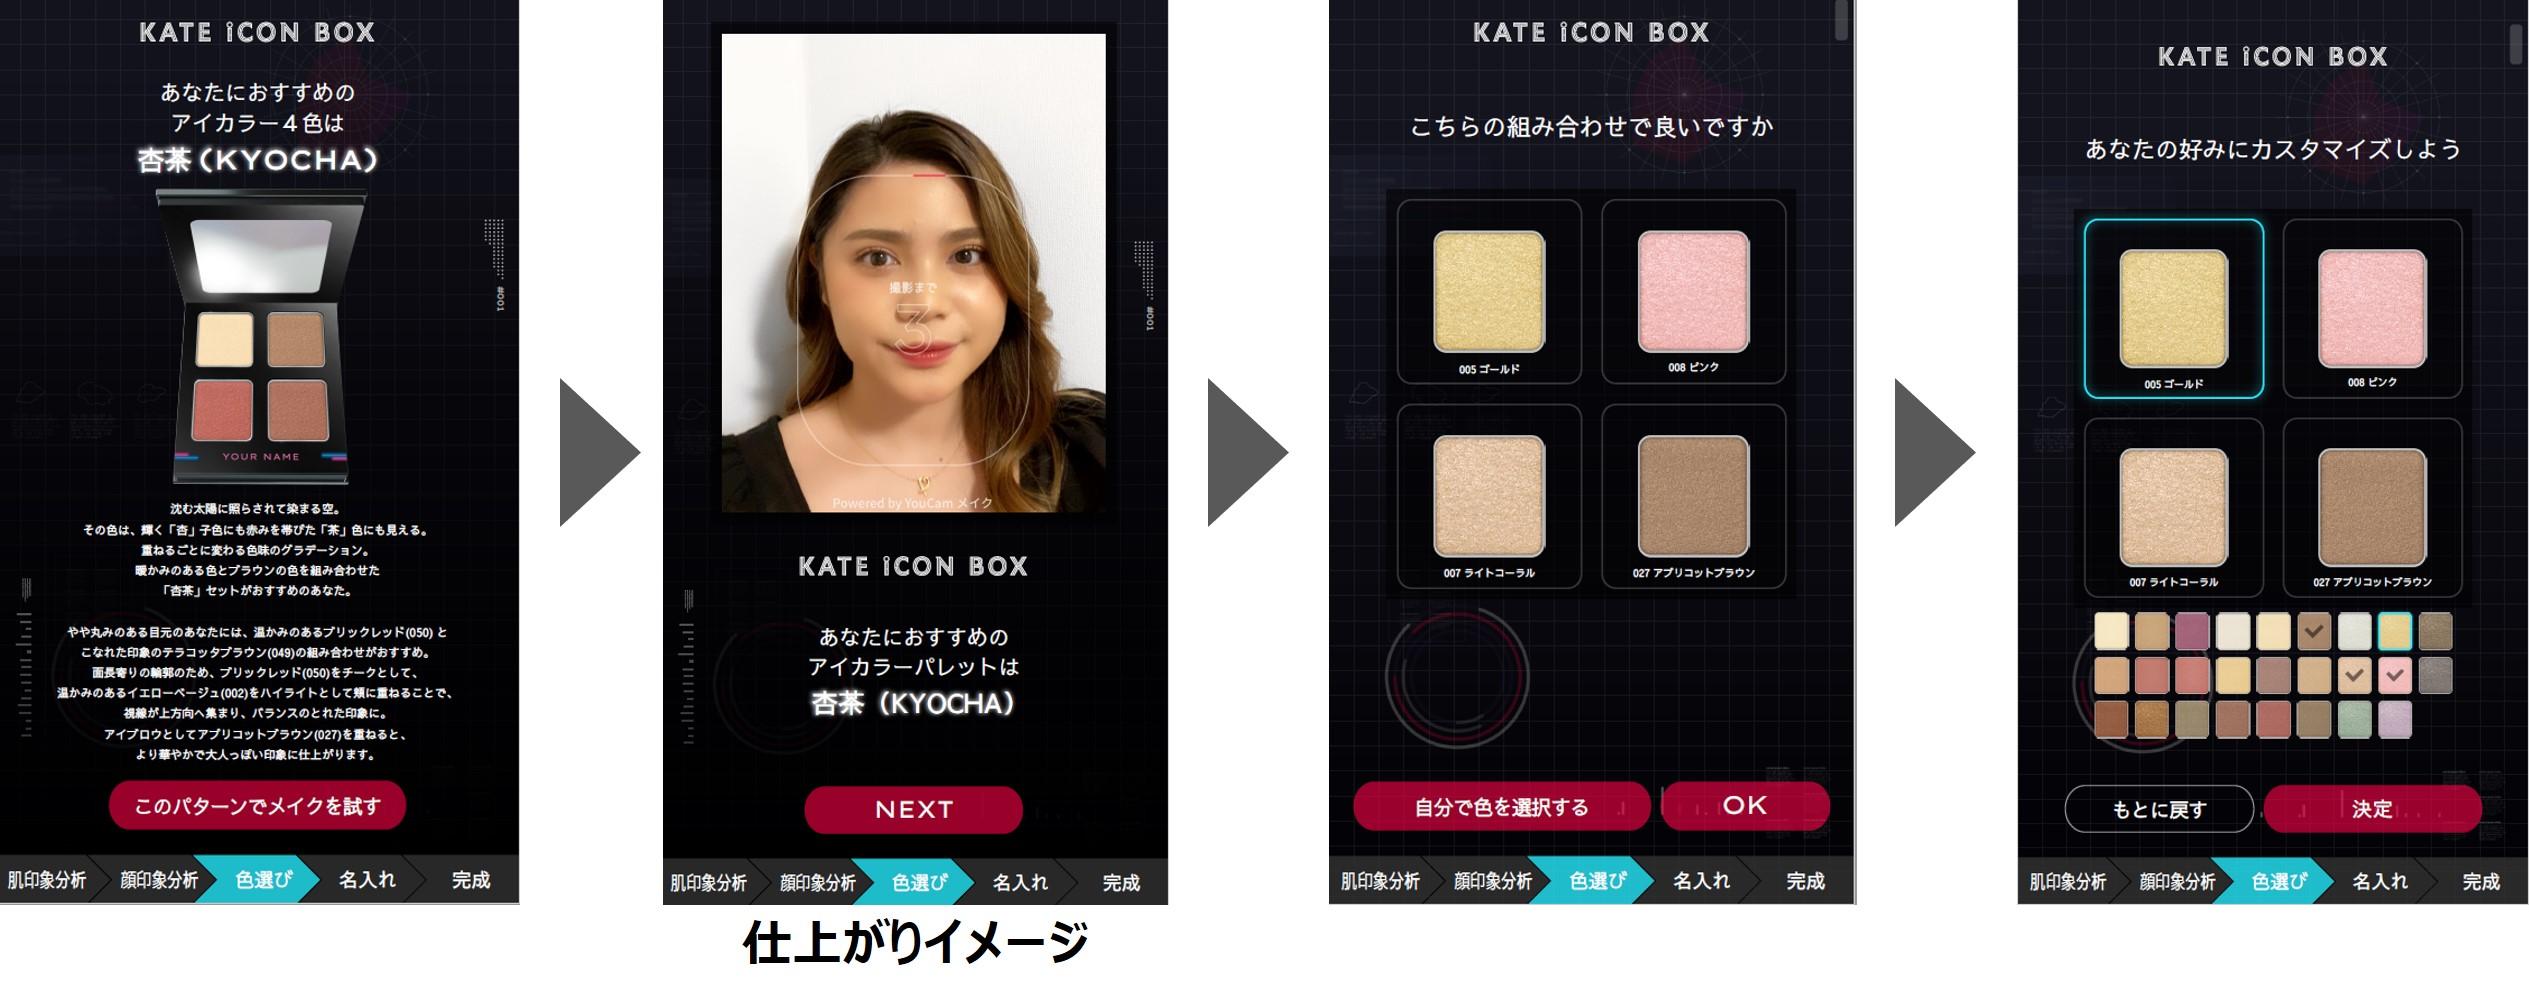 kate-icon-box2-2